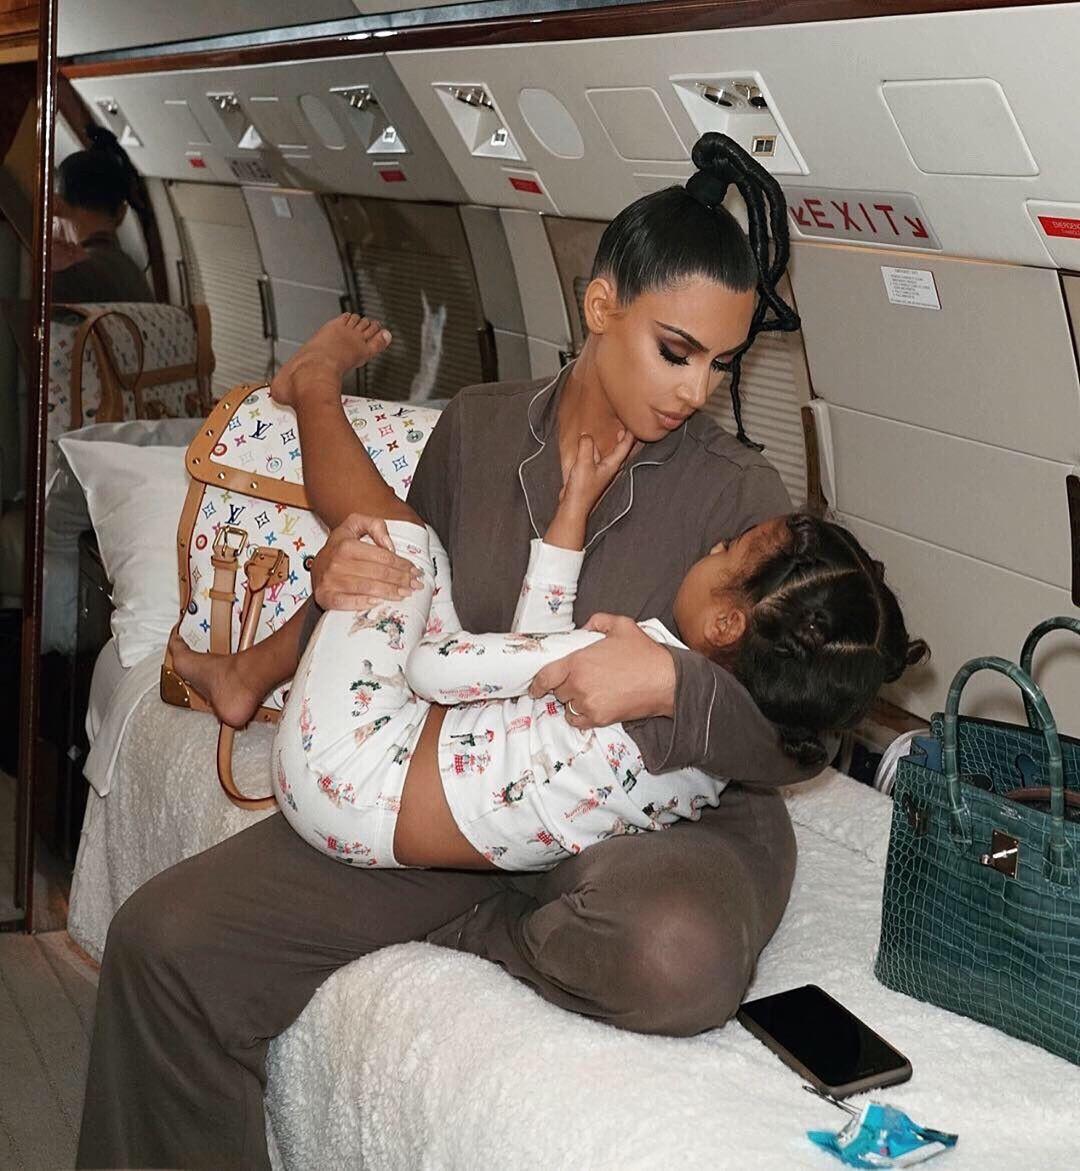 Loạt ảnh chứng minh con gái lớn nhà Kim Kardashian chính là công chúa nhỏ chịu chơi và sang chảnh bậc nhất Hollywood - Ảnh 6.